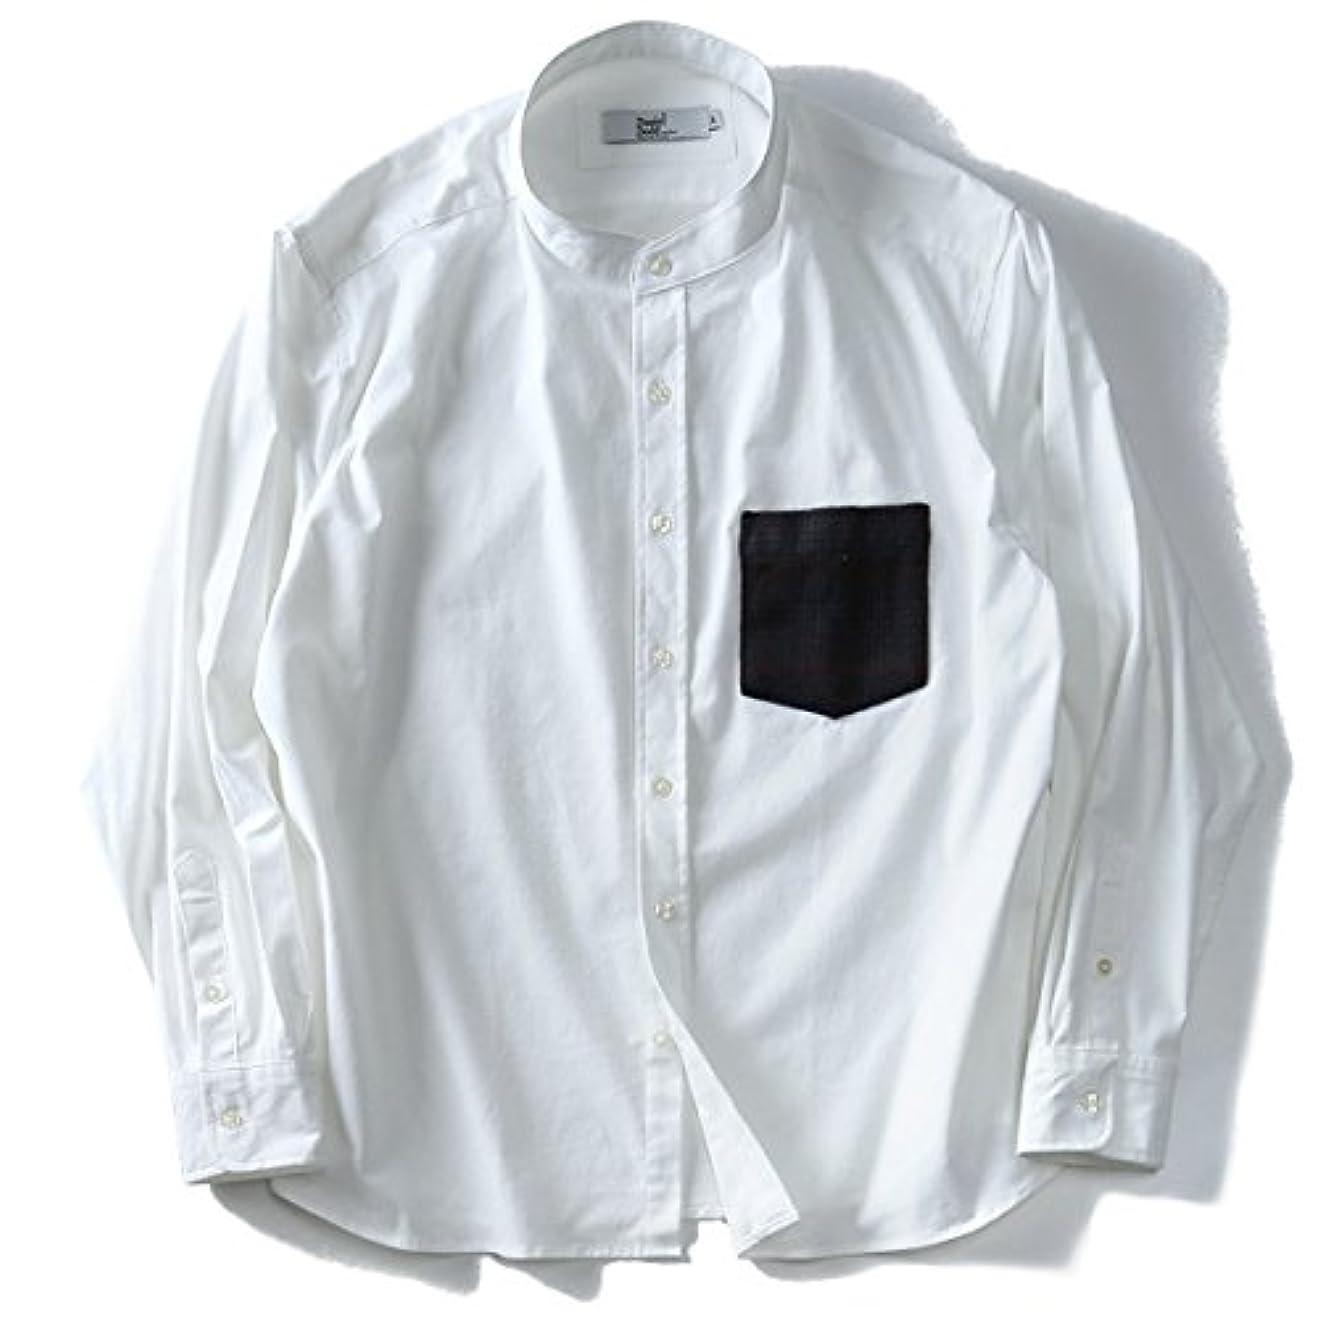 水を飲む強化告白するDANIEL DODD 長袖バンドカラーウールポケットシャツ 717-170401 大きいサイズ メンズ【901.オフホワイト-2L】